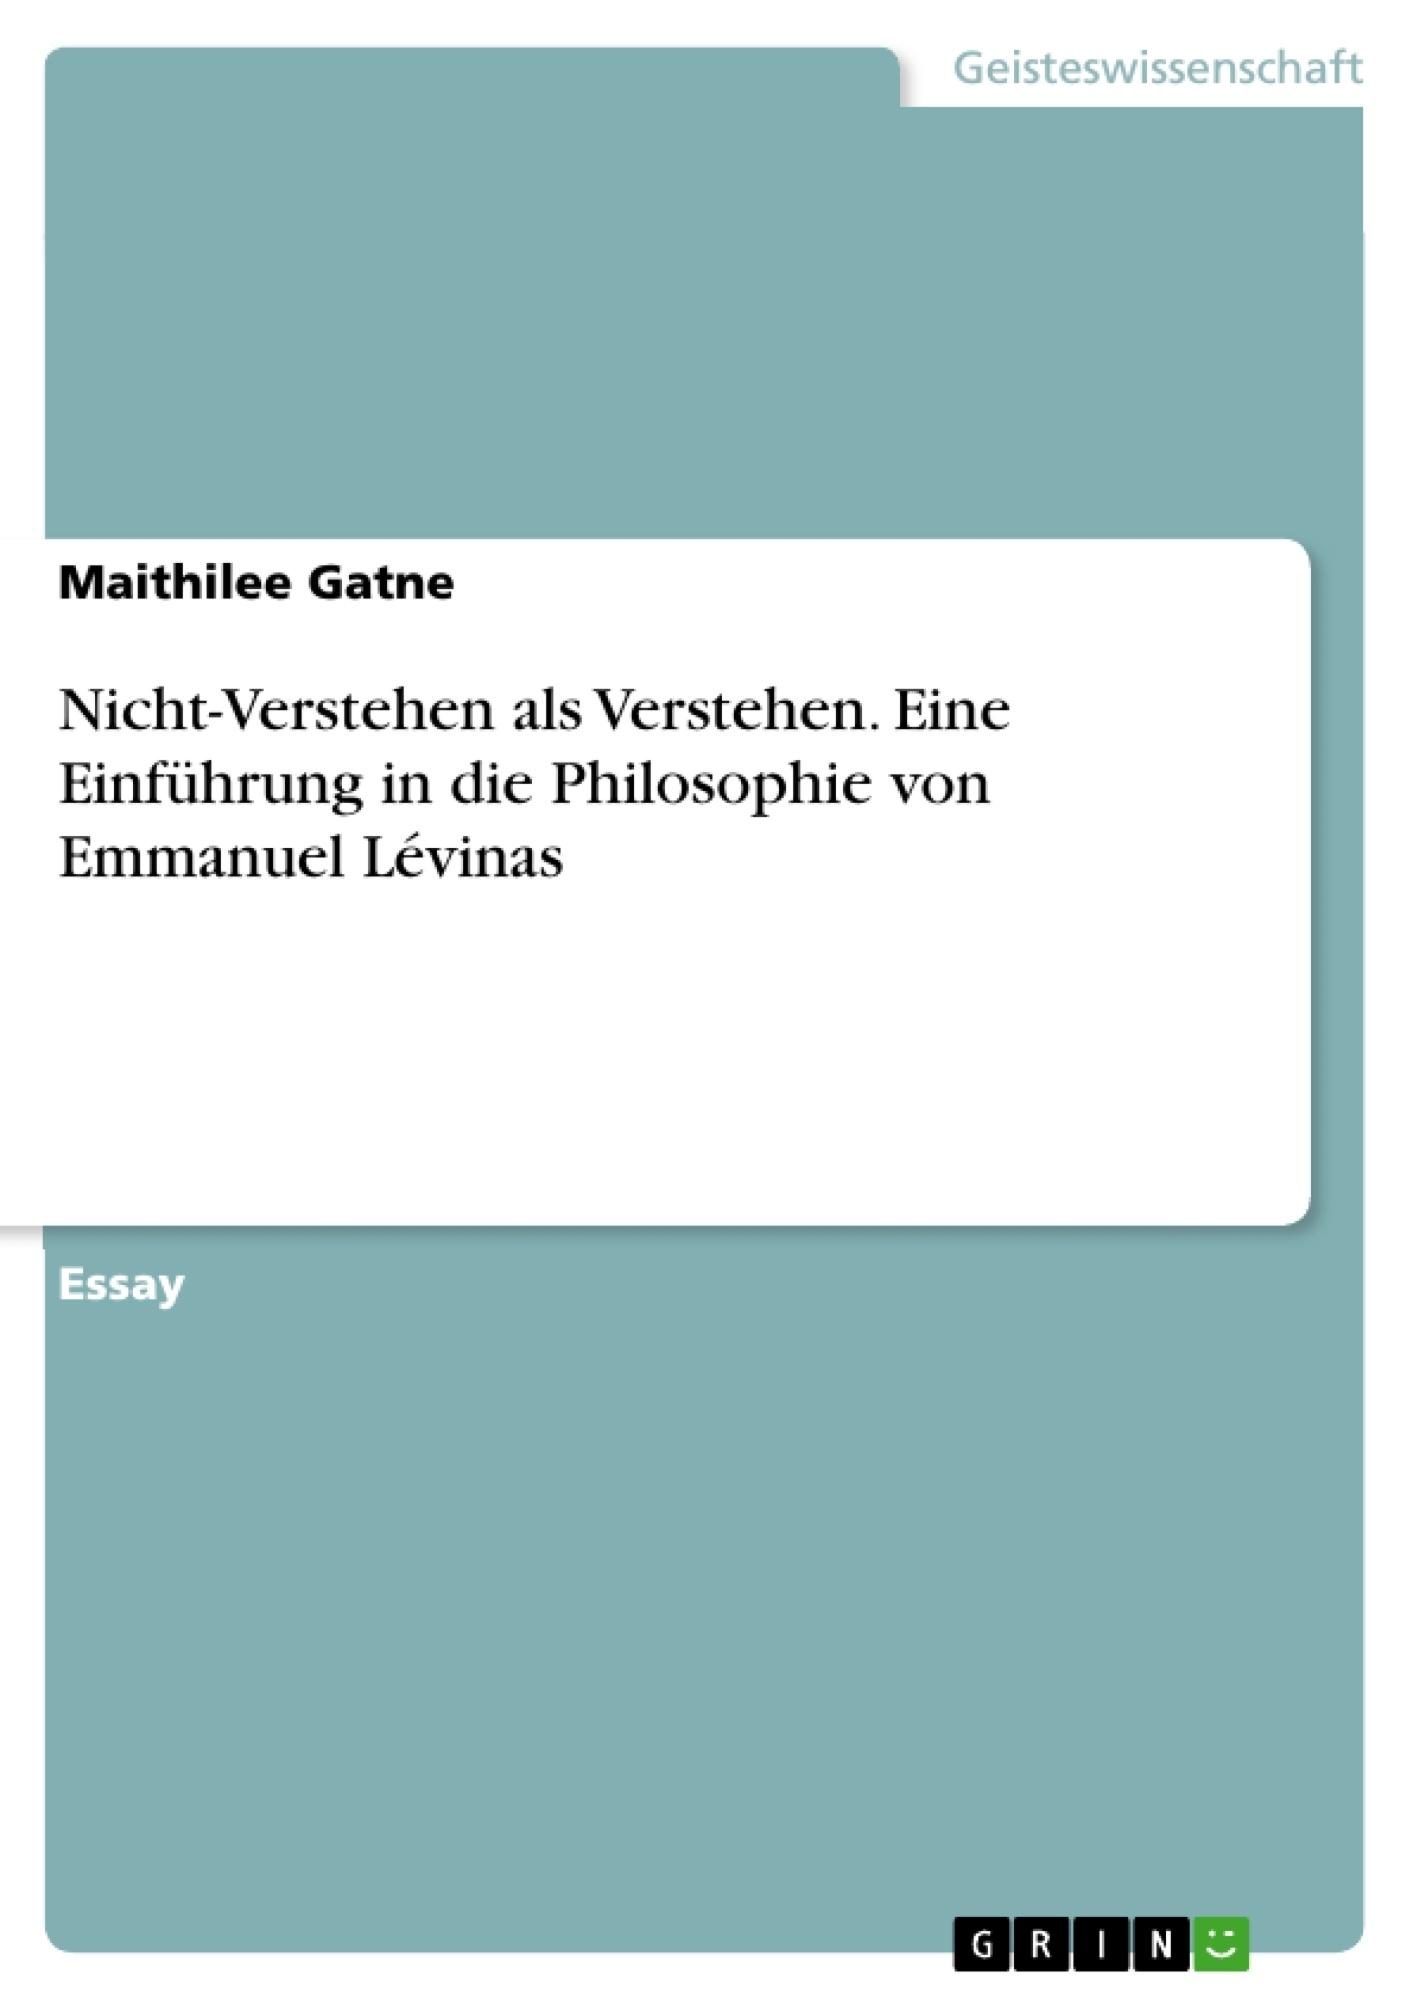 Titel: Nicht-Verstehen als Verstehen. Eine Einführung in die Philosophie von Emmanuel Lévinas